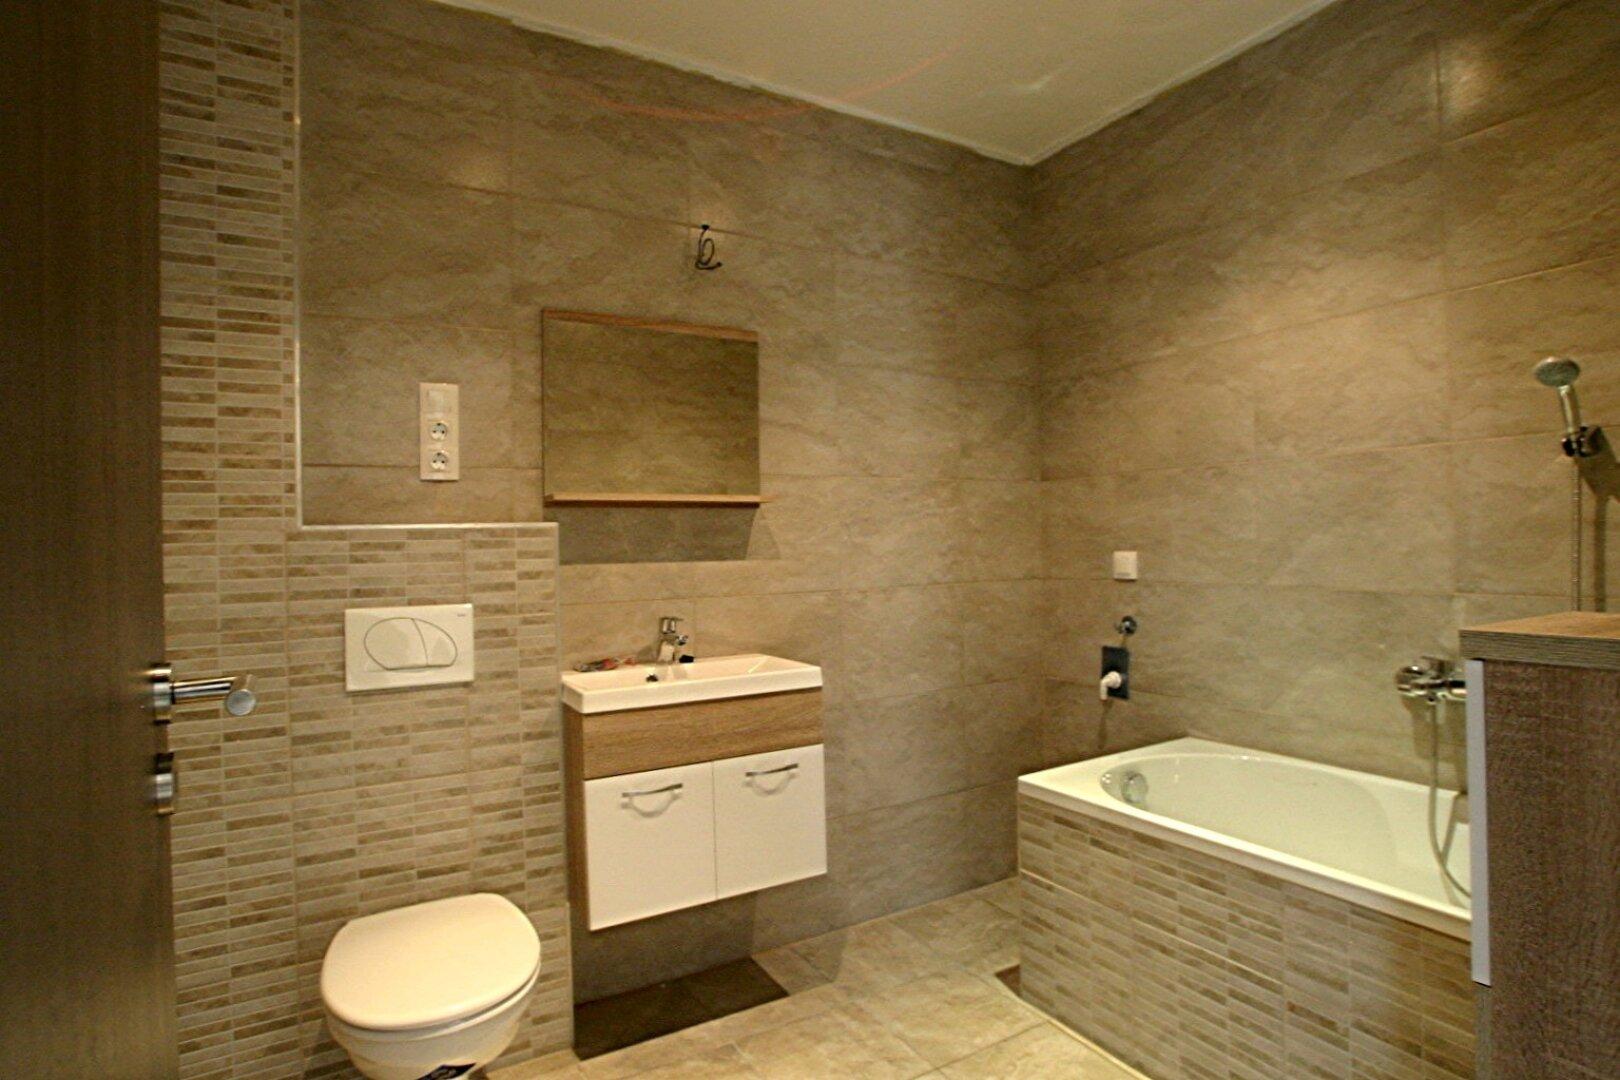 Badezimmer mit Badewanne, Duschwand und Waschmaschine